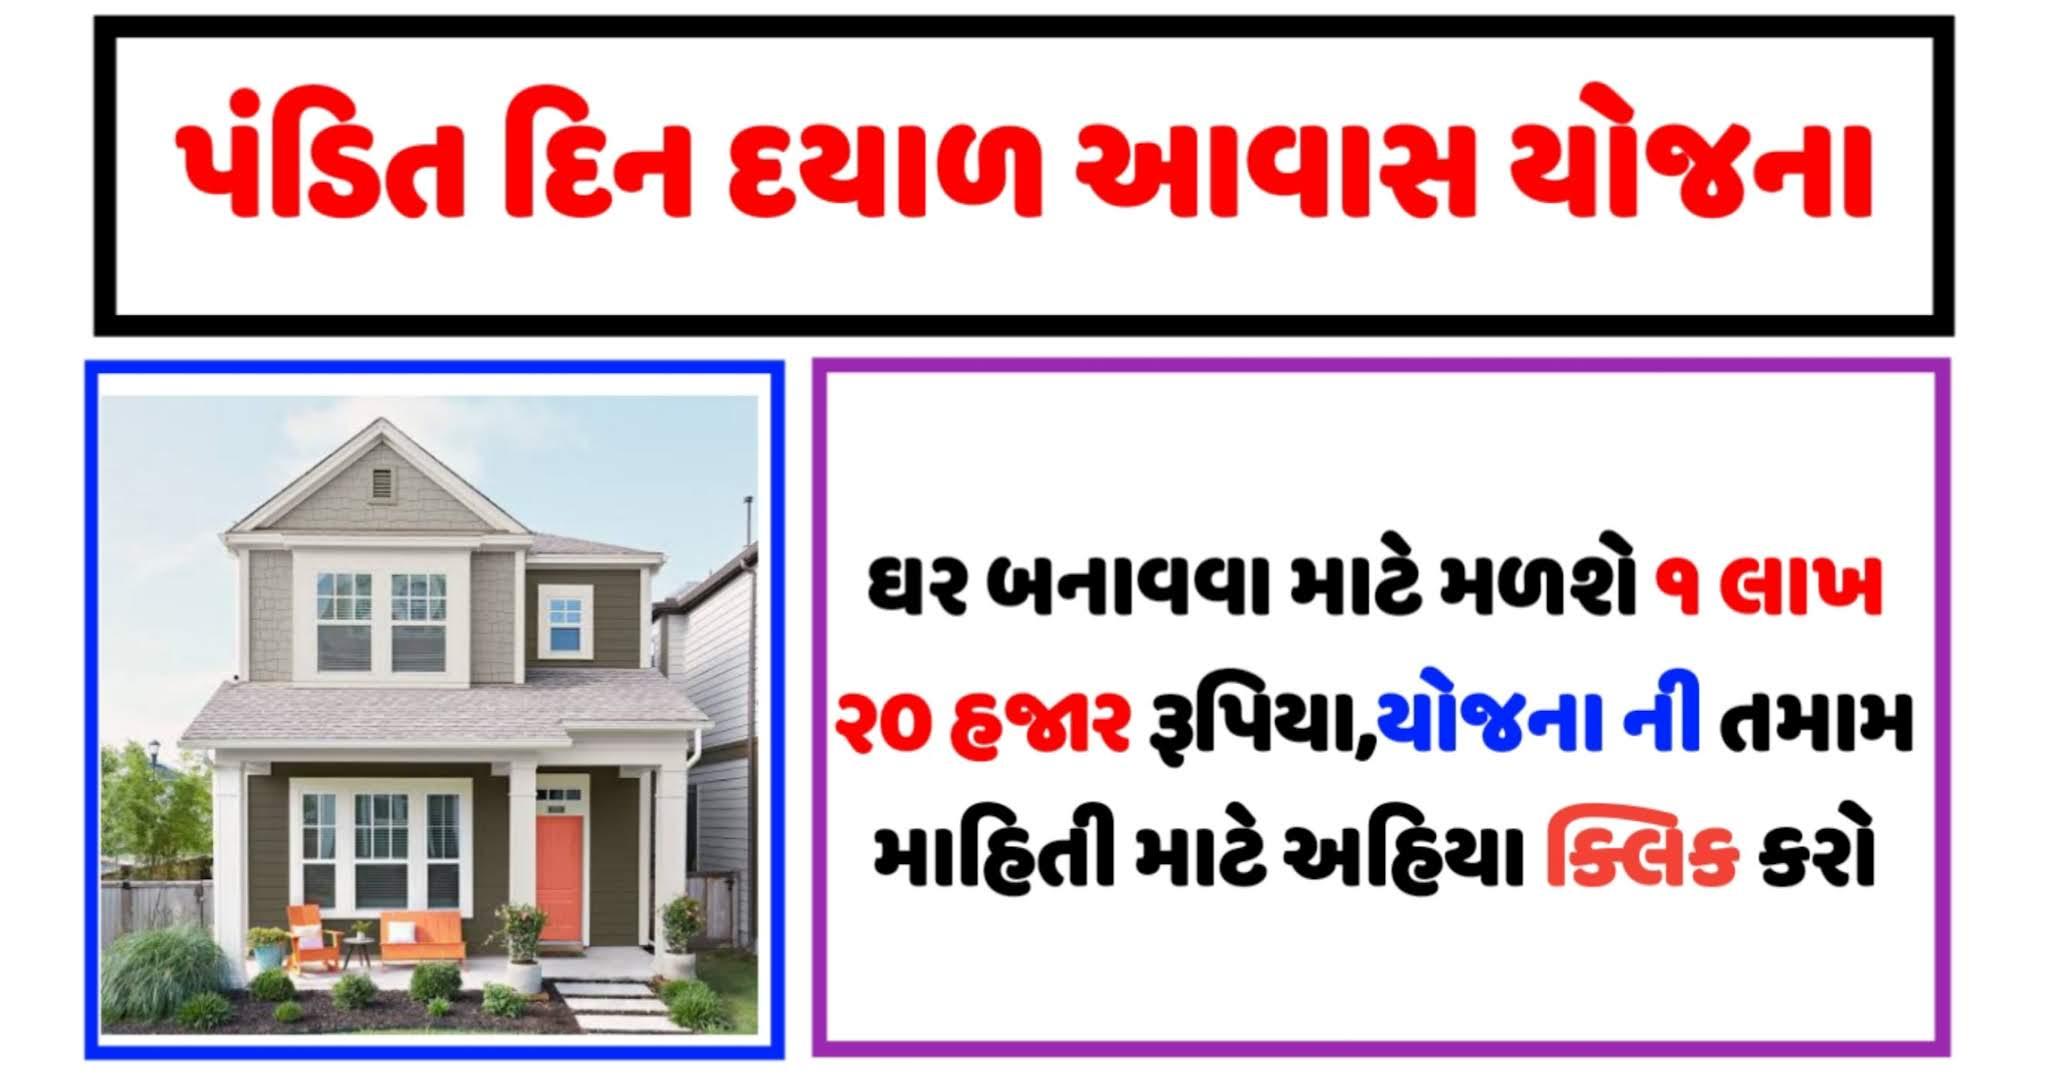 Pandit dindayal Yojana Online Form,Pandit dindayal Yojana 2021,Pandit dindayal Upadhyay Awas Yojana Apply Online,Pandit dindayal Awas Yojana Form PDF Download